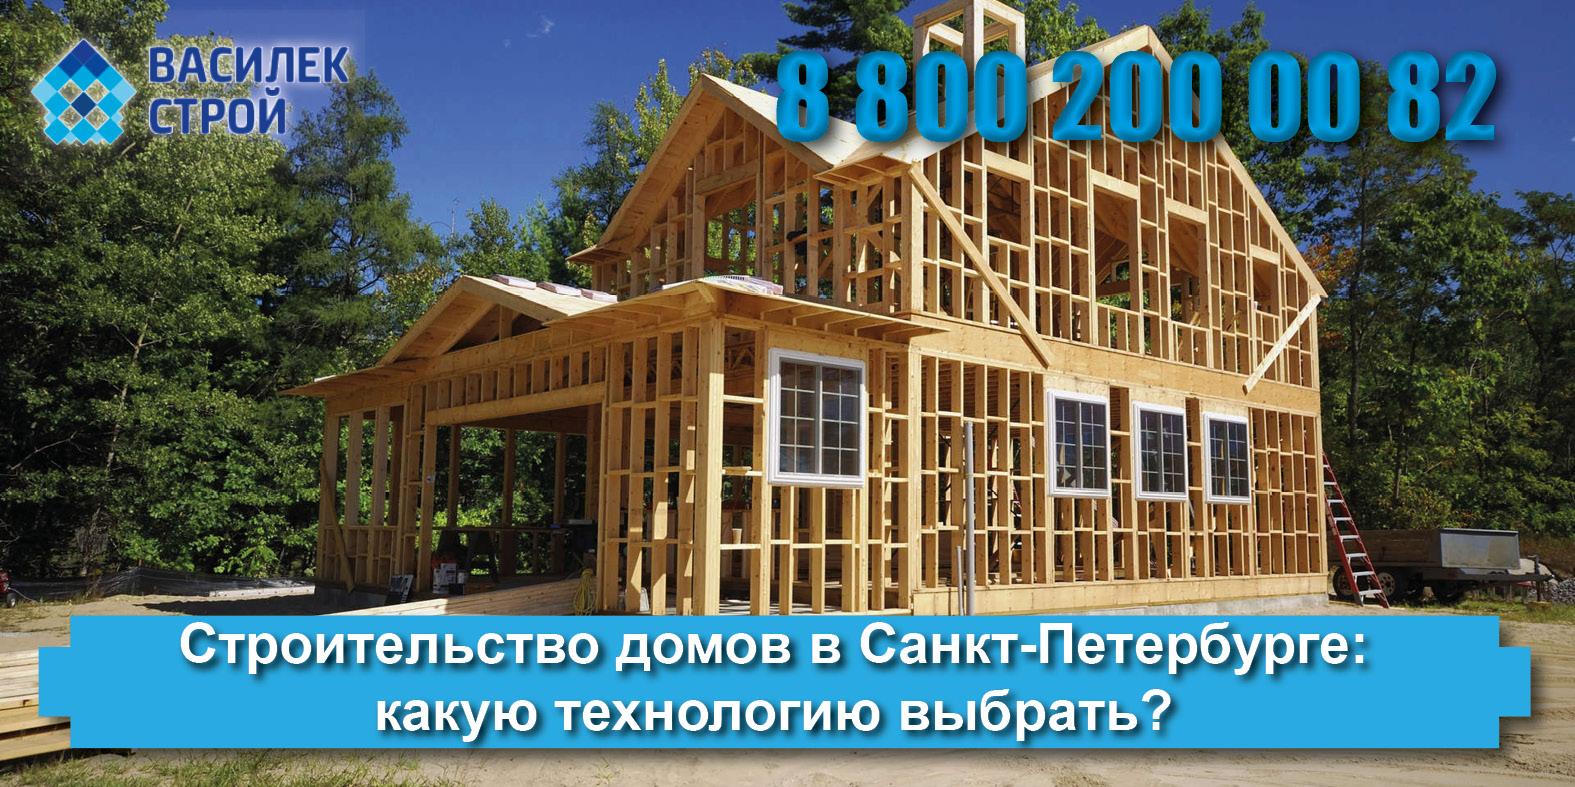 Строительство домов в Санкт-Петербурге: какую технологию выбрать?